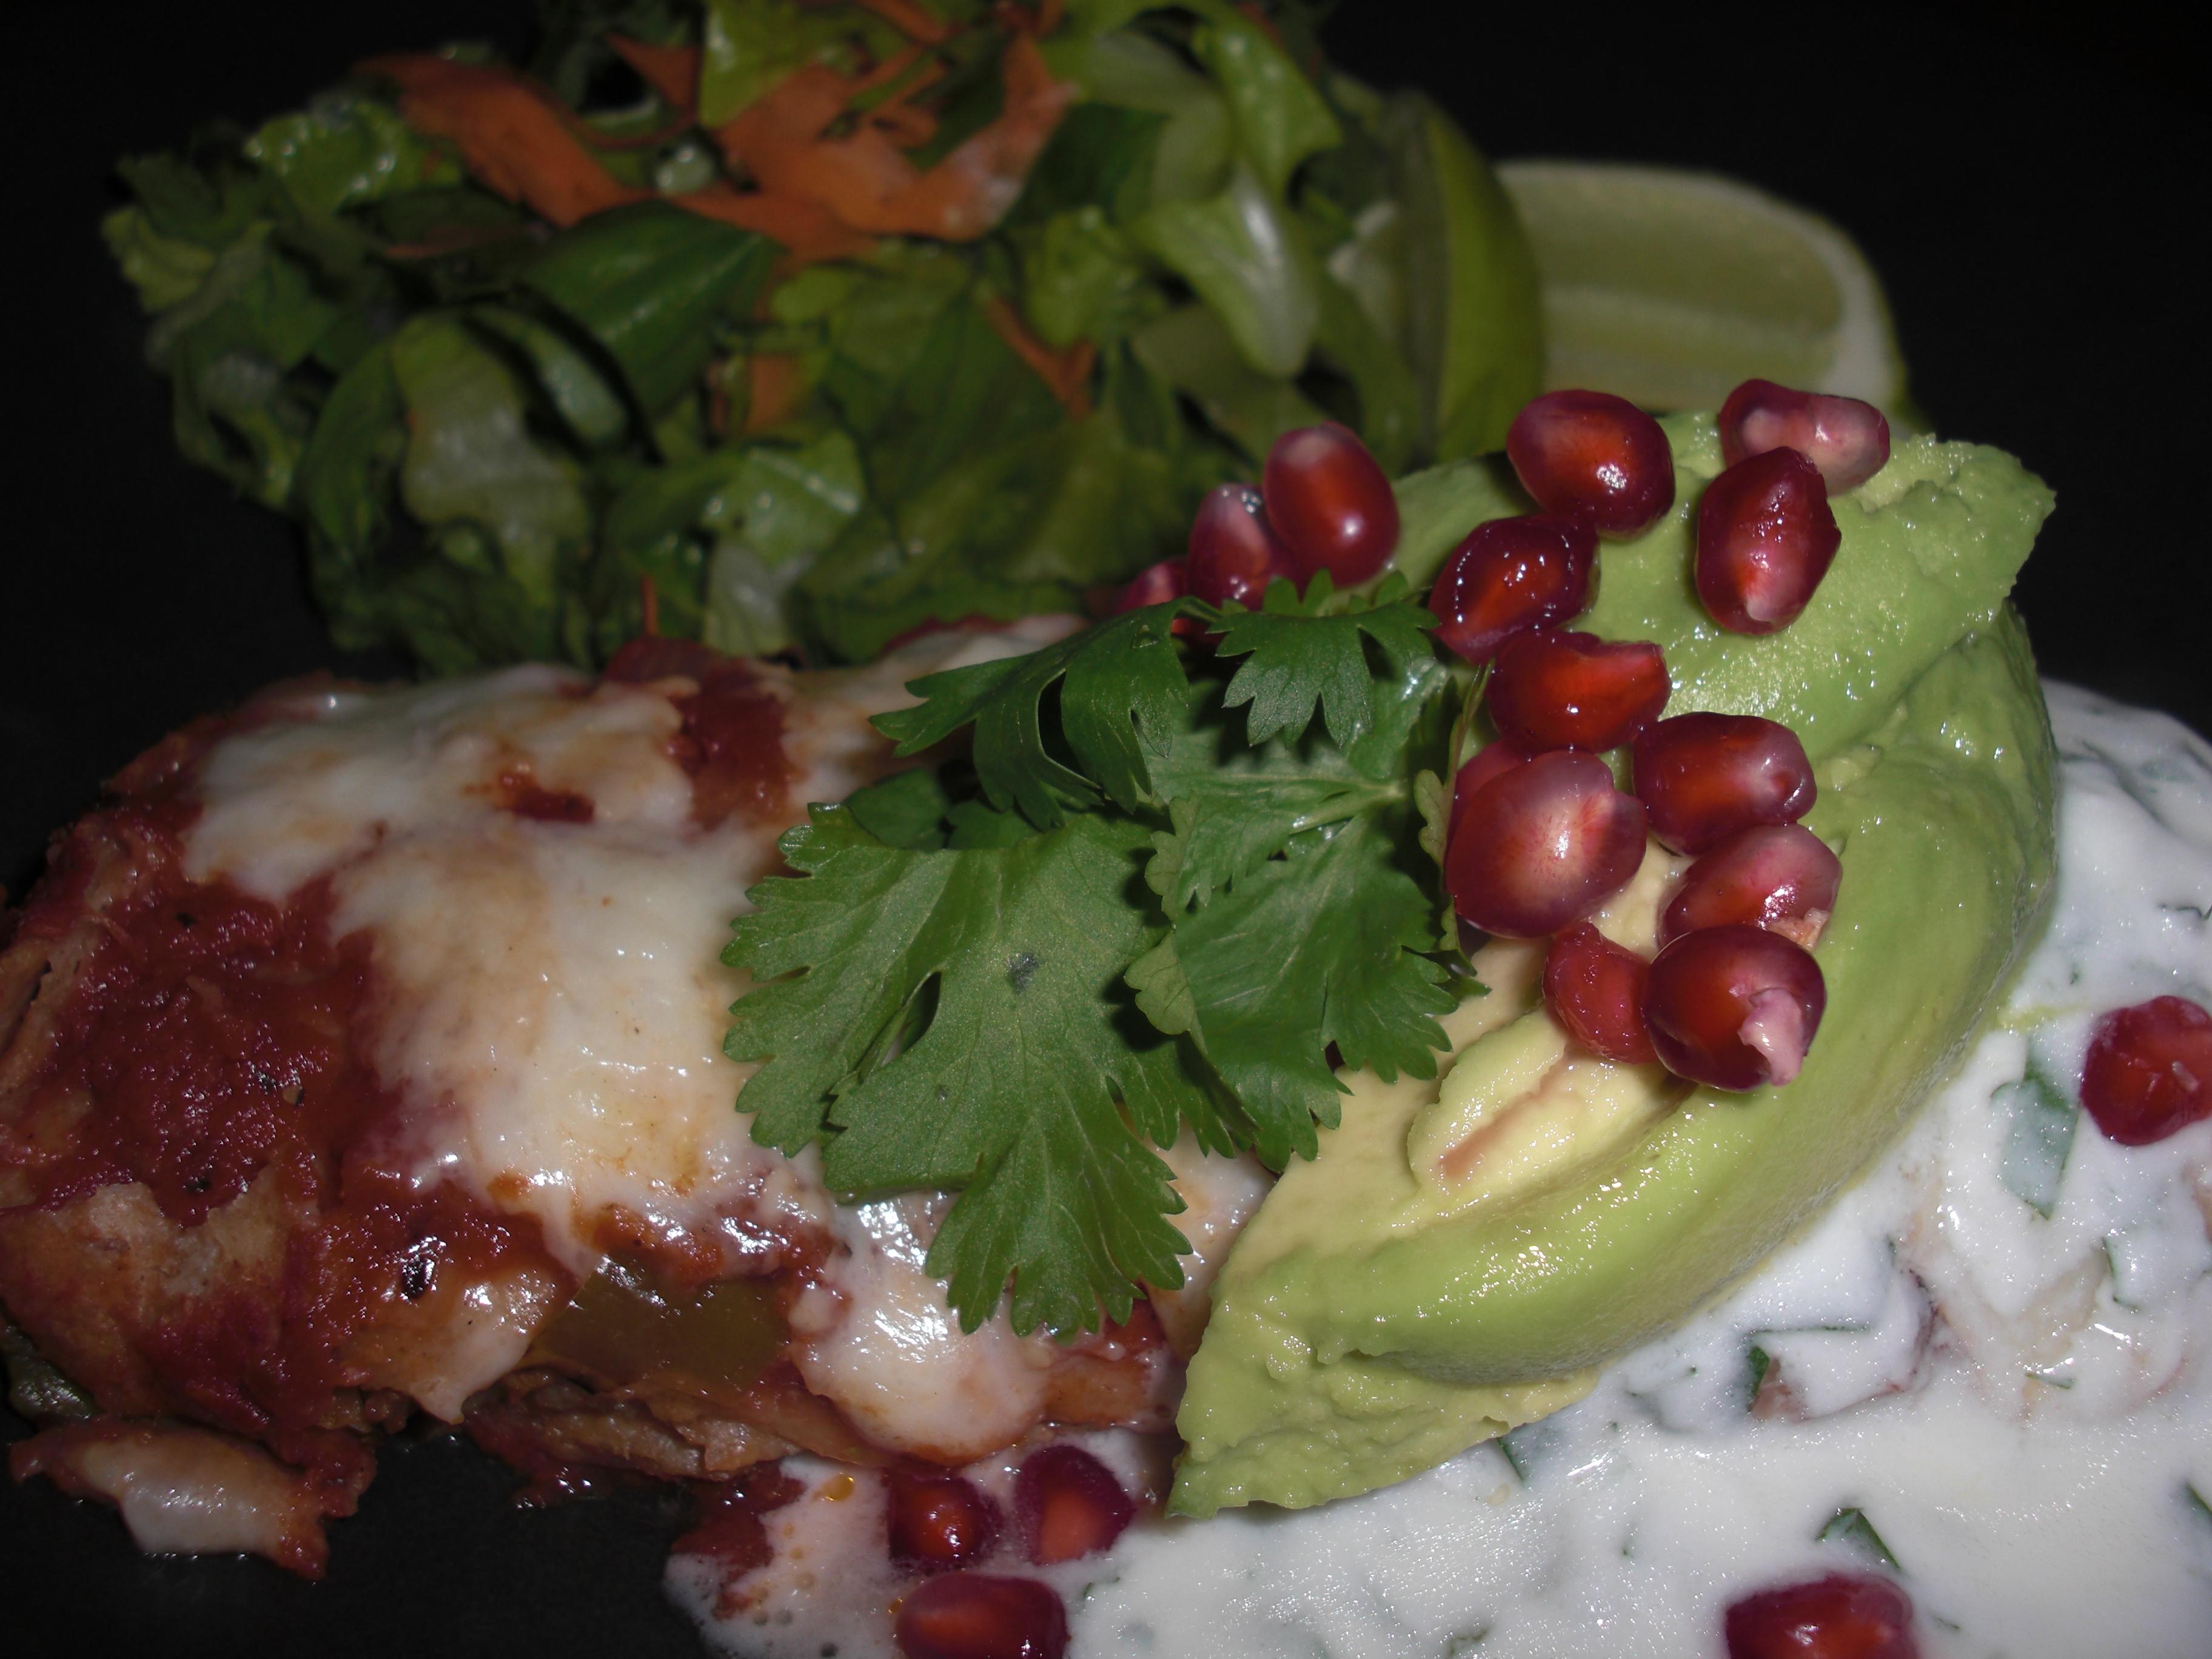 Soy Chorizo Enchilada toppings, close-up